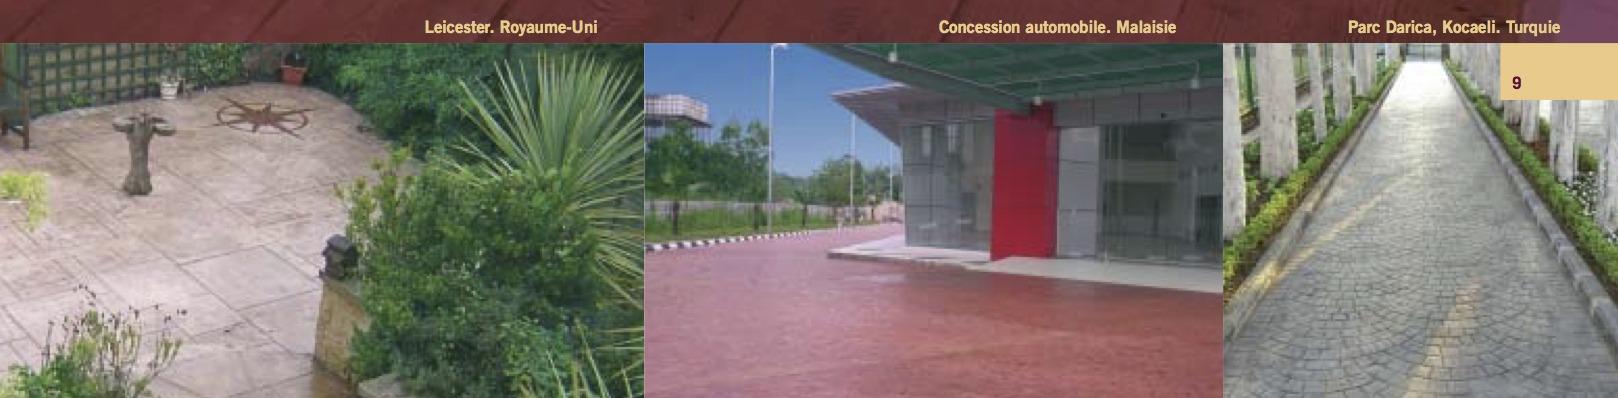 BPAI partenaire Larfarge Holcim brochure béton spéciaux décoratif Artevia - Béton Empreinte réalisation